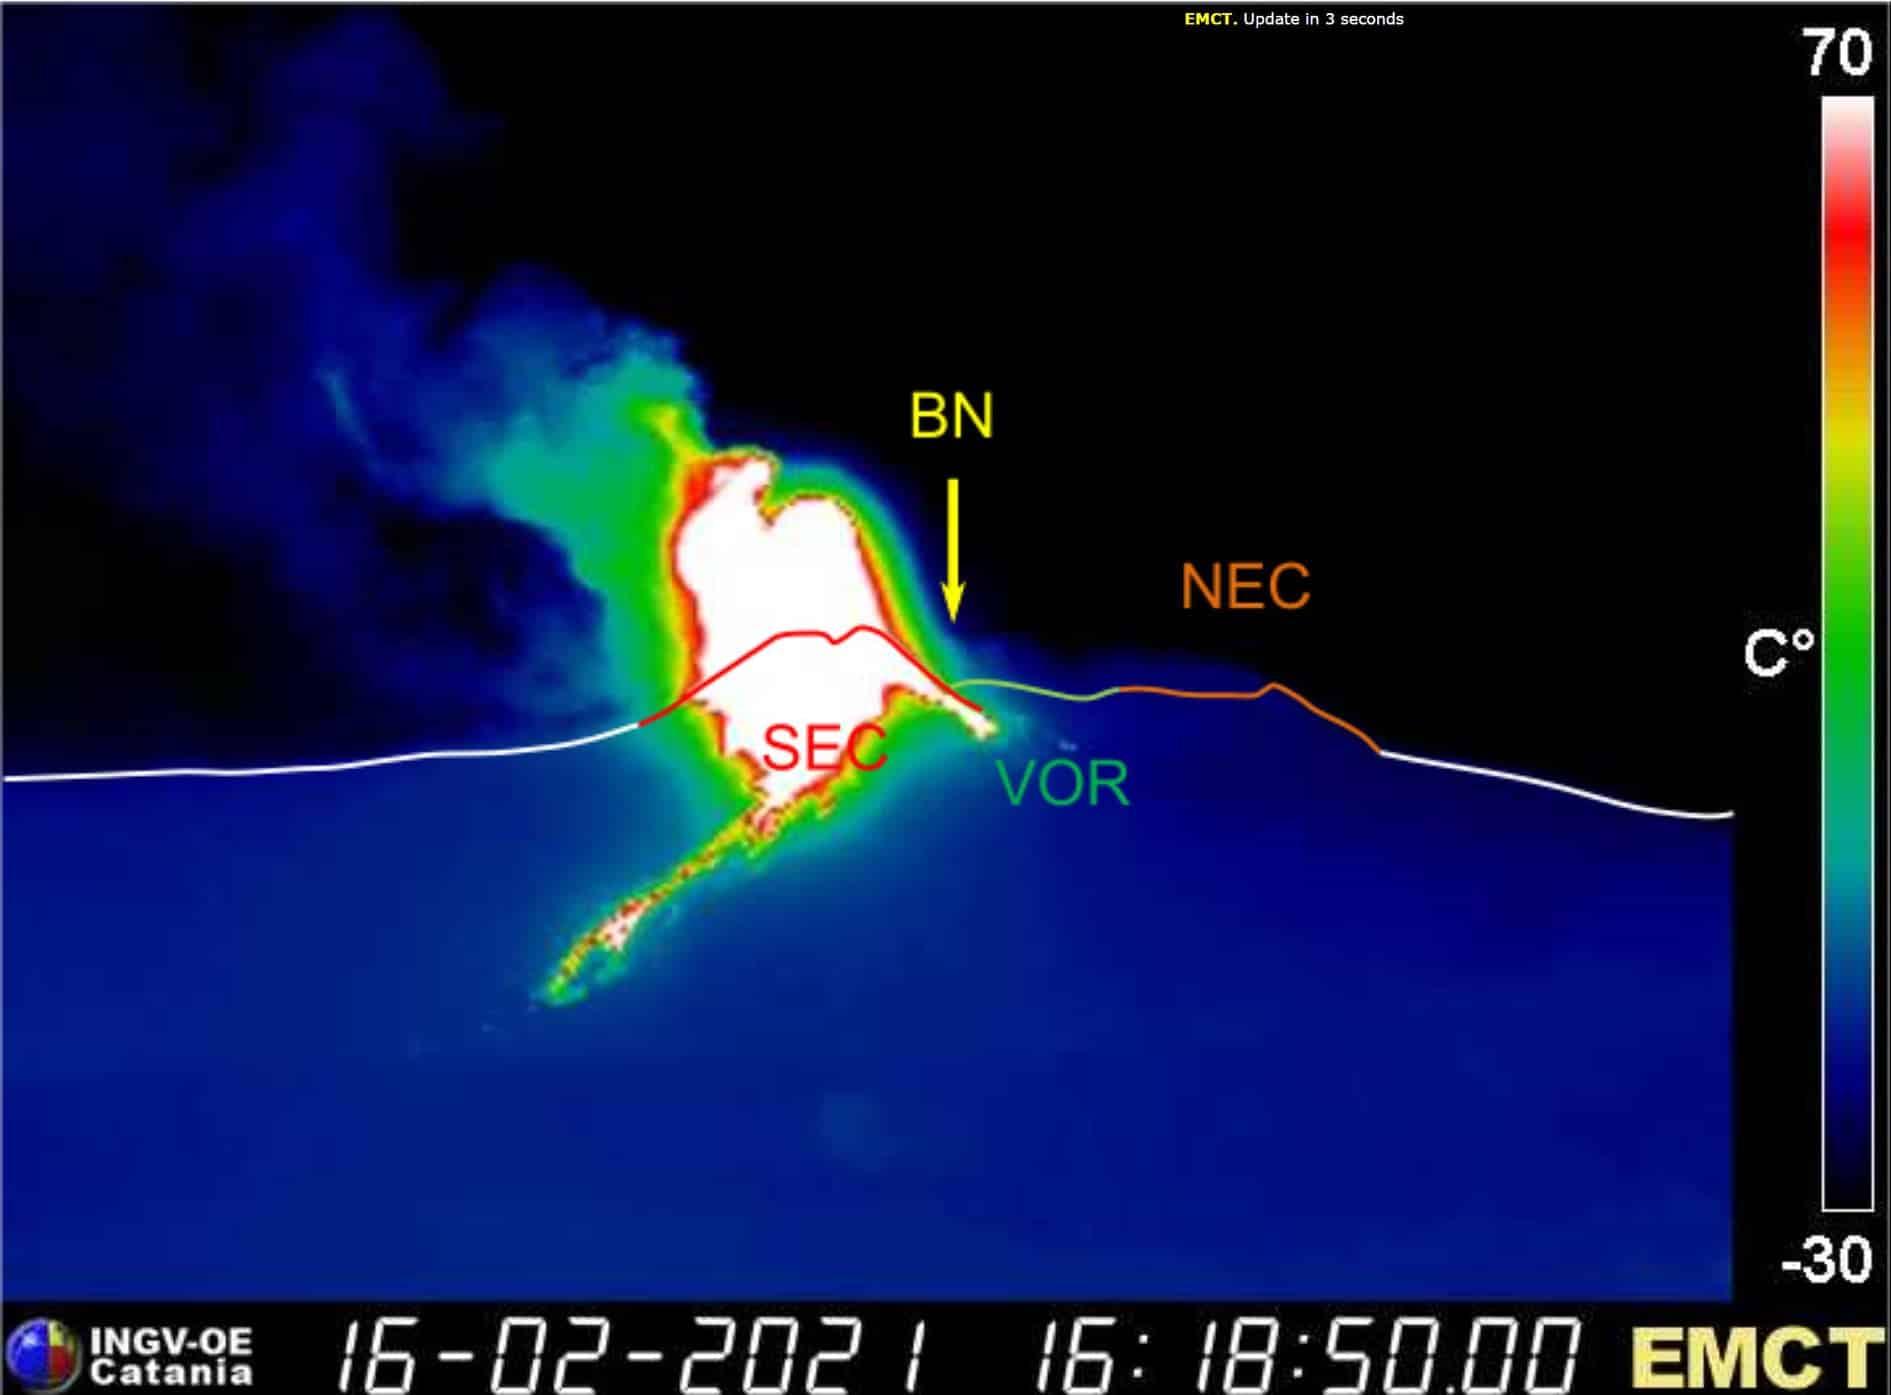 """Etna """"spaventosa"""", lapilli e rapida colata lavica in corso: il resoconto dell'INGV su quanto sta accadendo"""